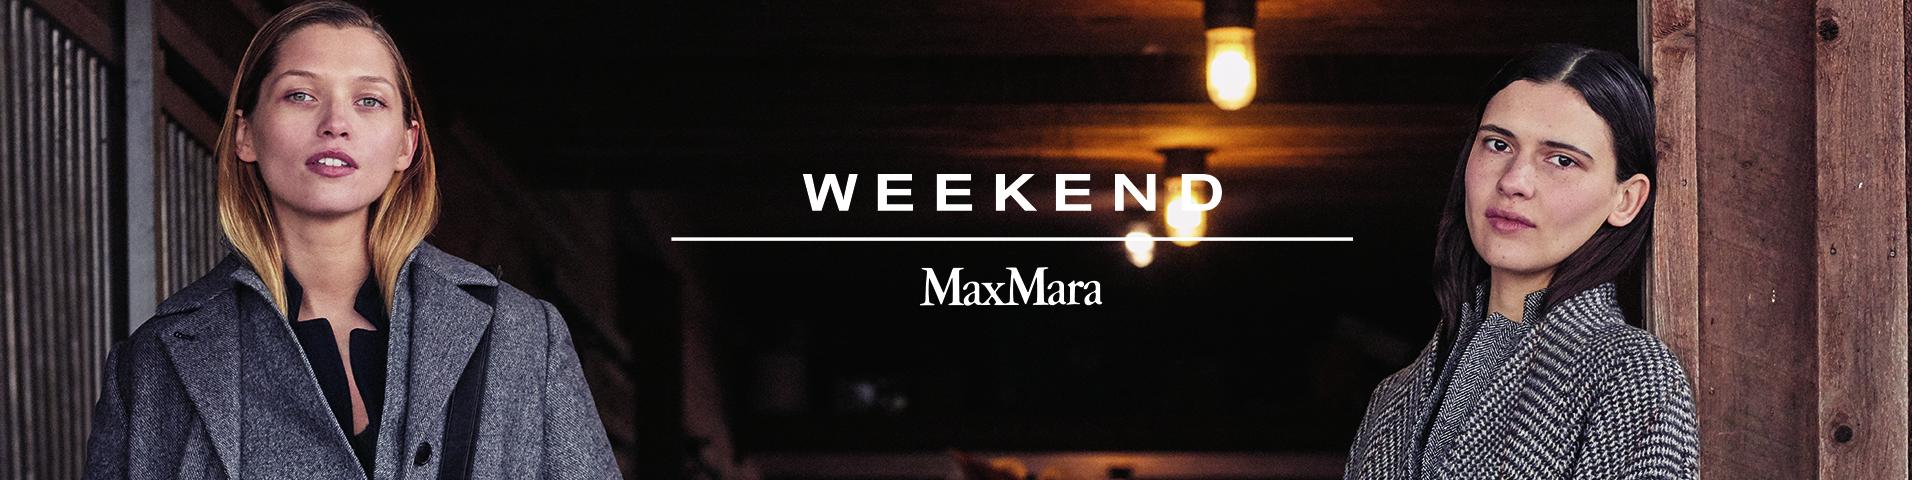 weekend maxmara kjoler damer k b din nye kjole online. Black Bedroom Furniture Sets. Home Design Ideas